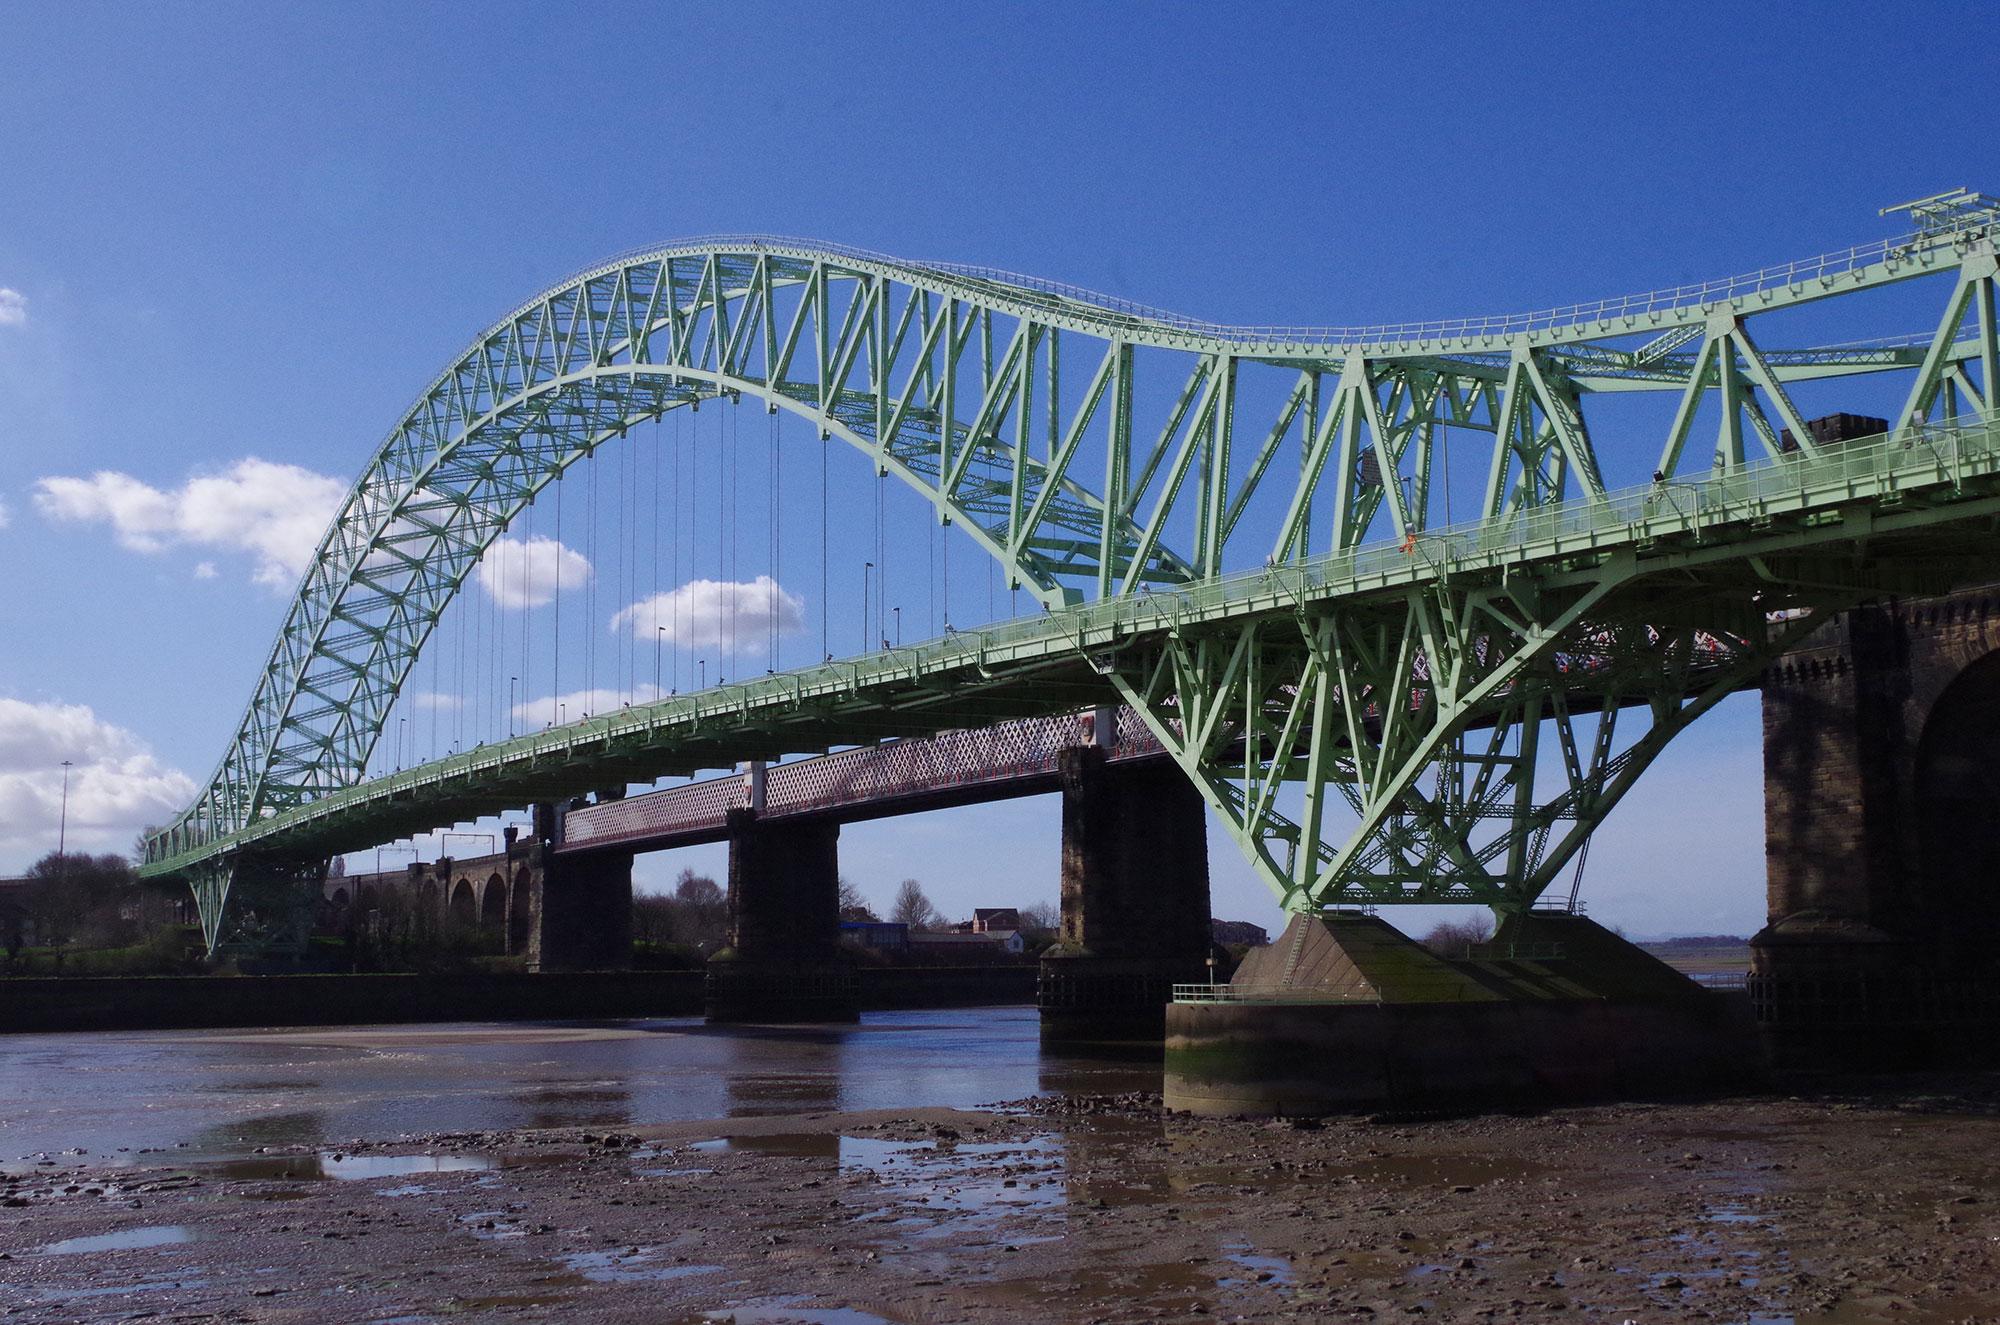 Runcorn Widnes Bridge